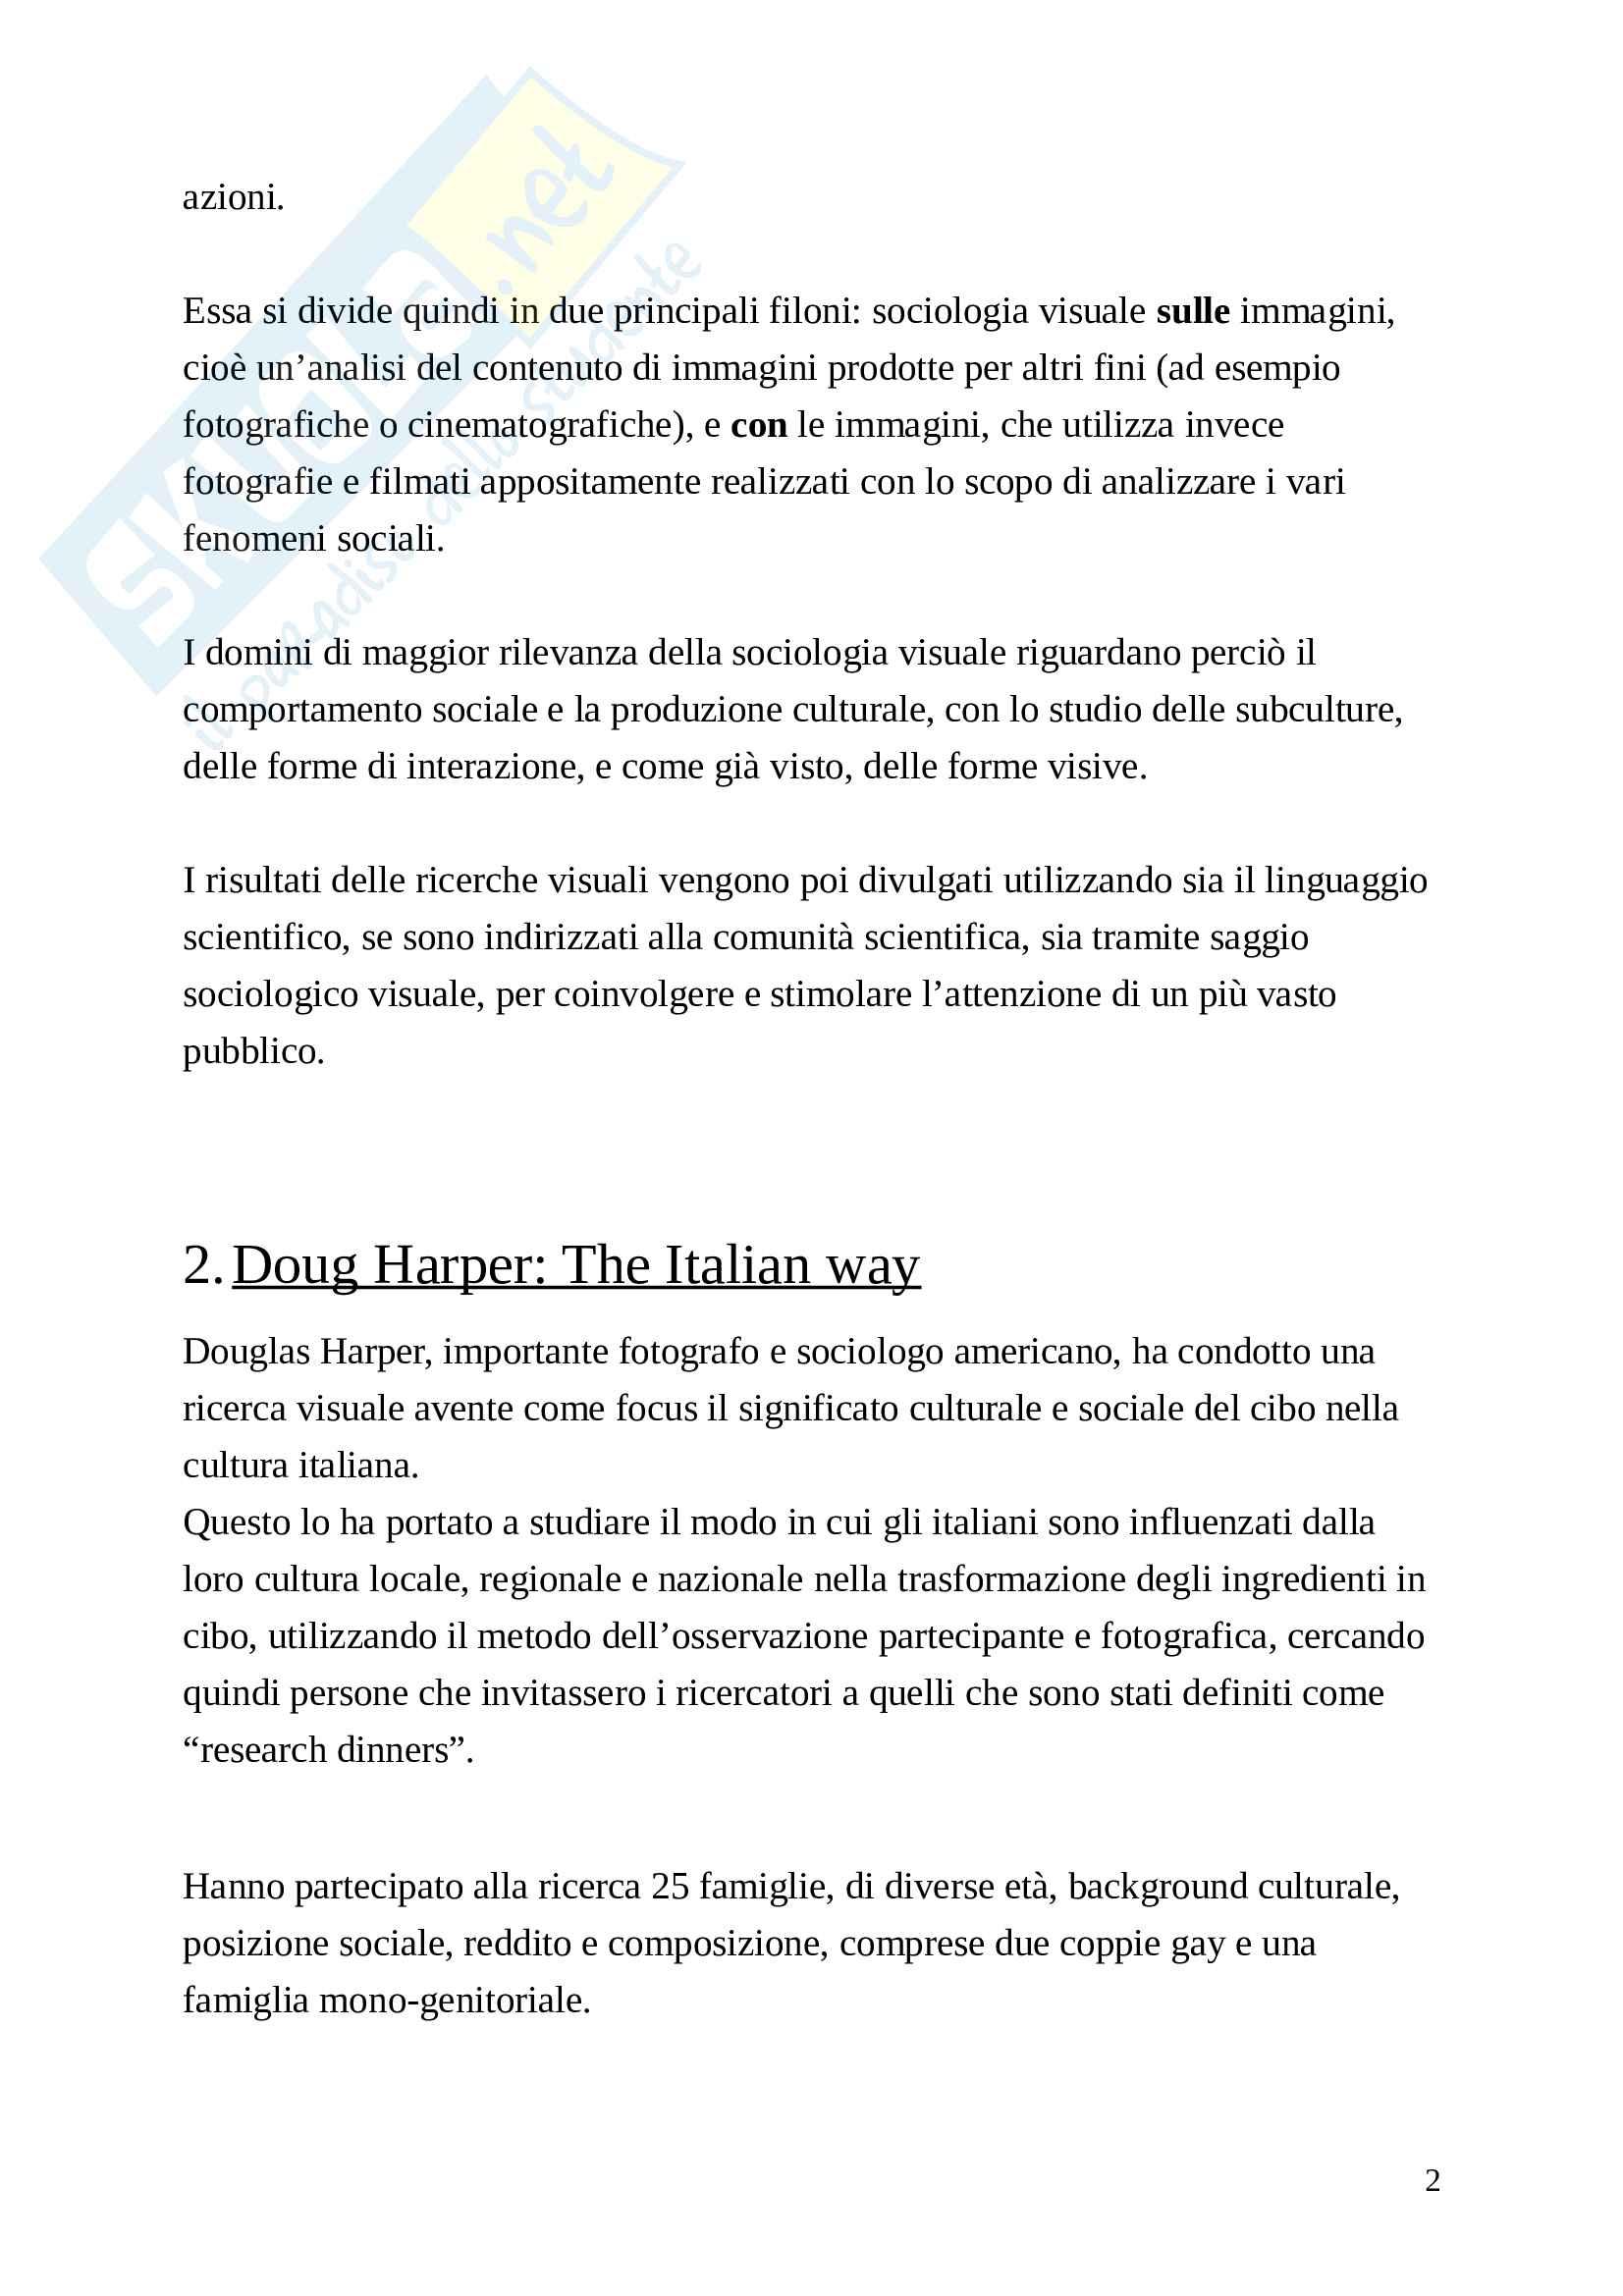 Alpini - Sociologia visuale Pag. 2